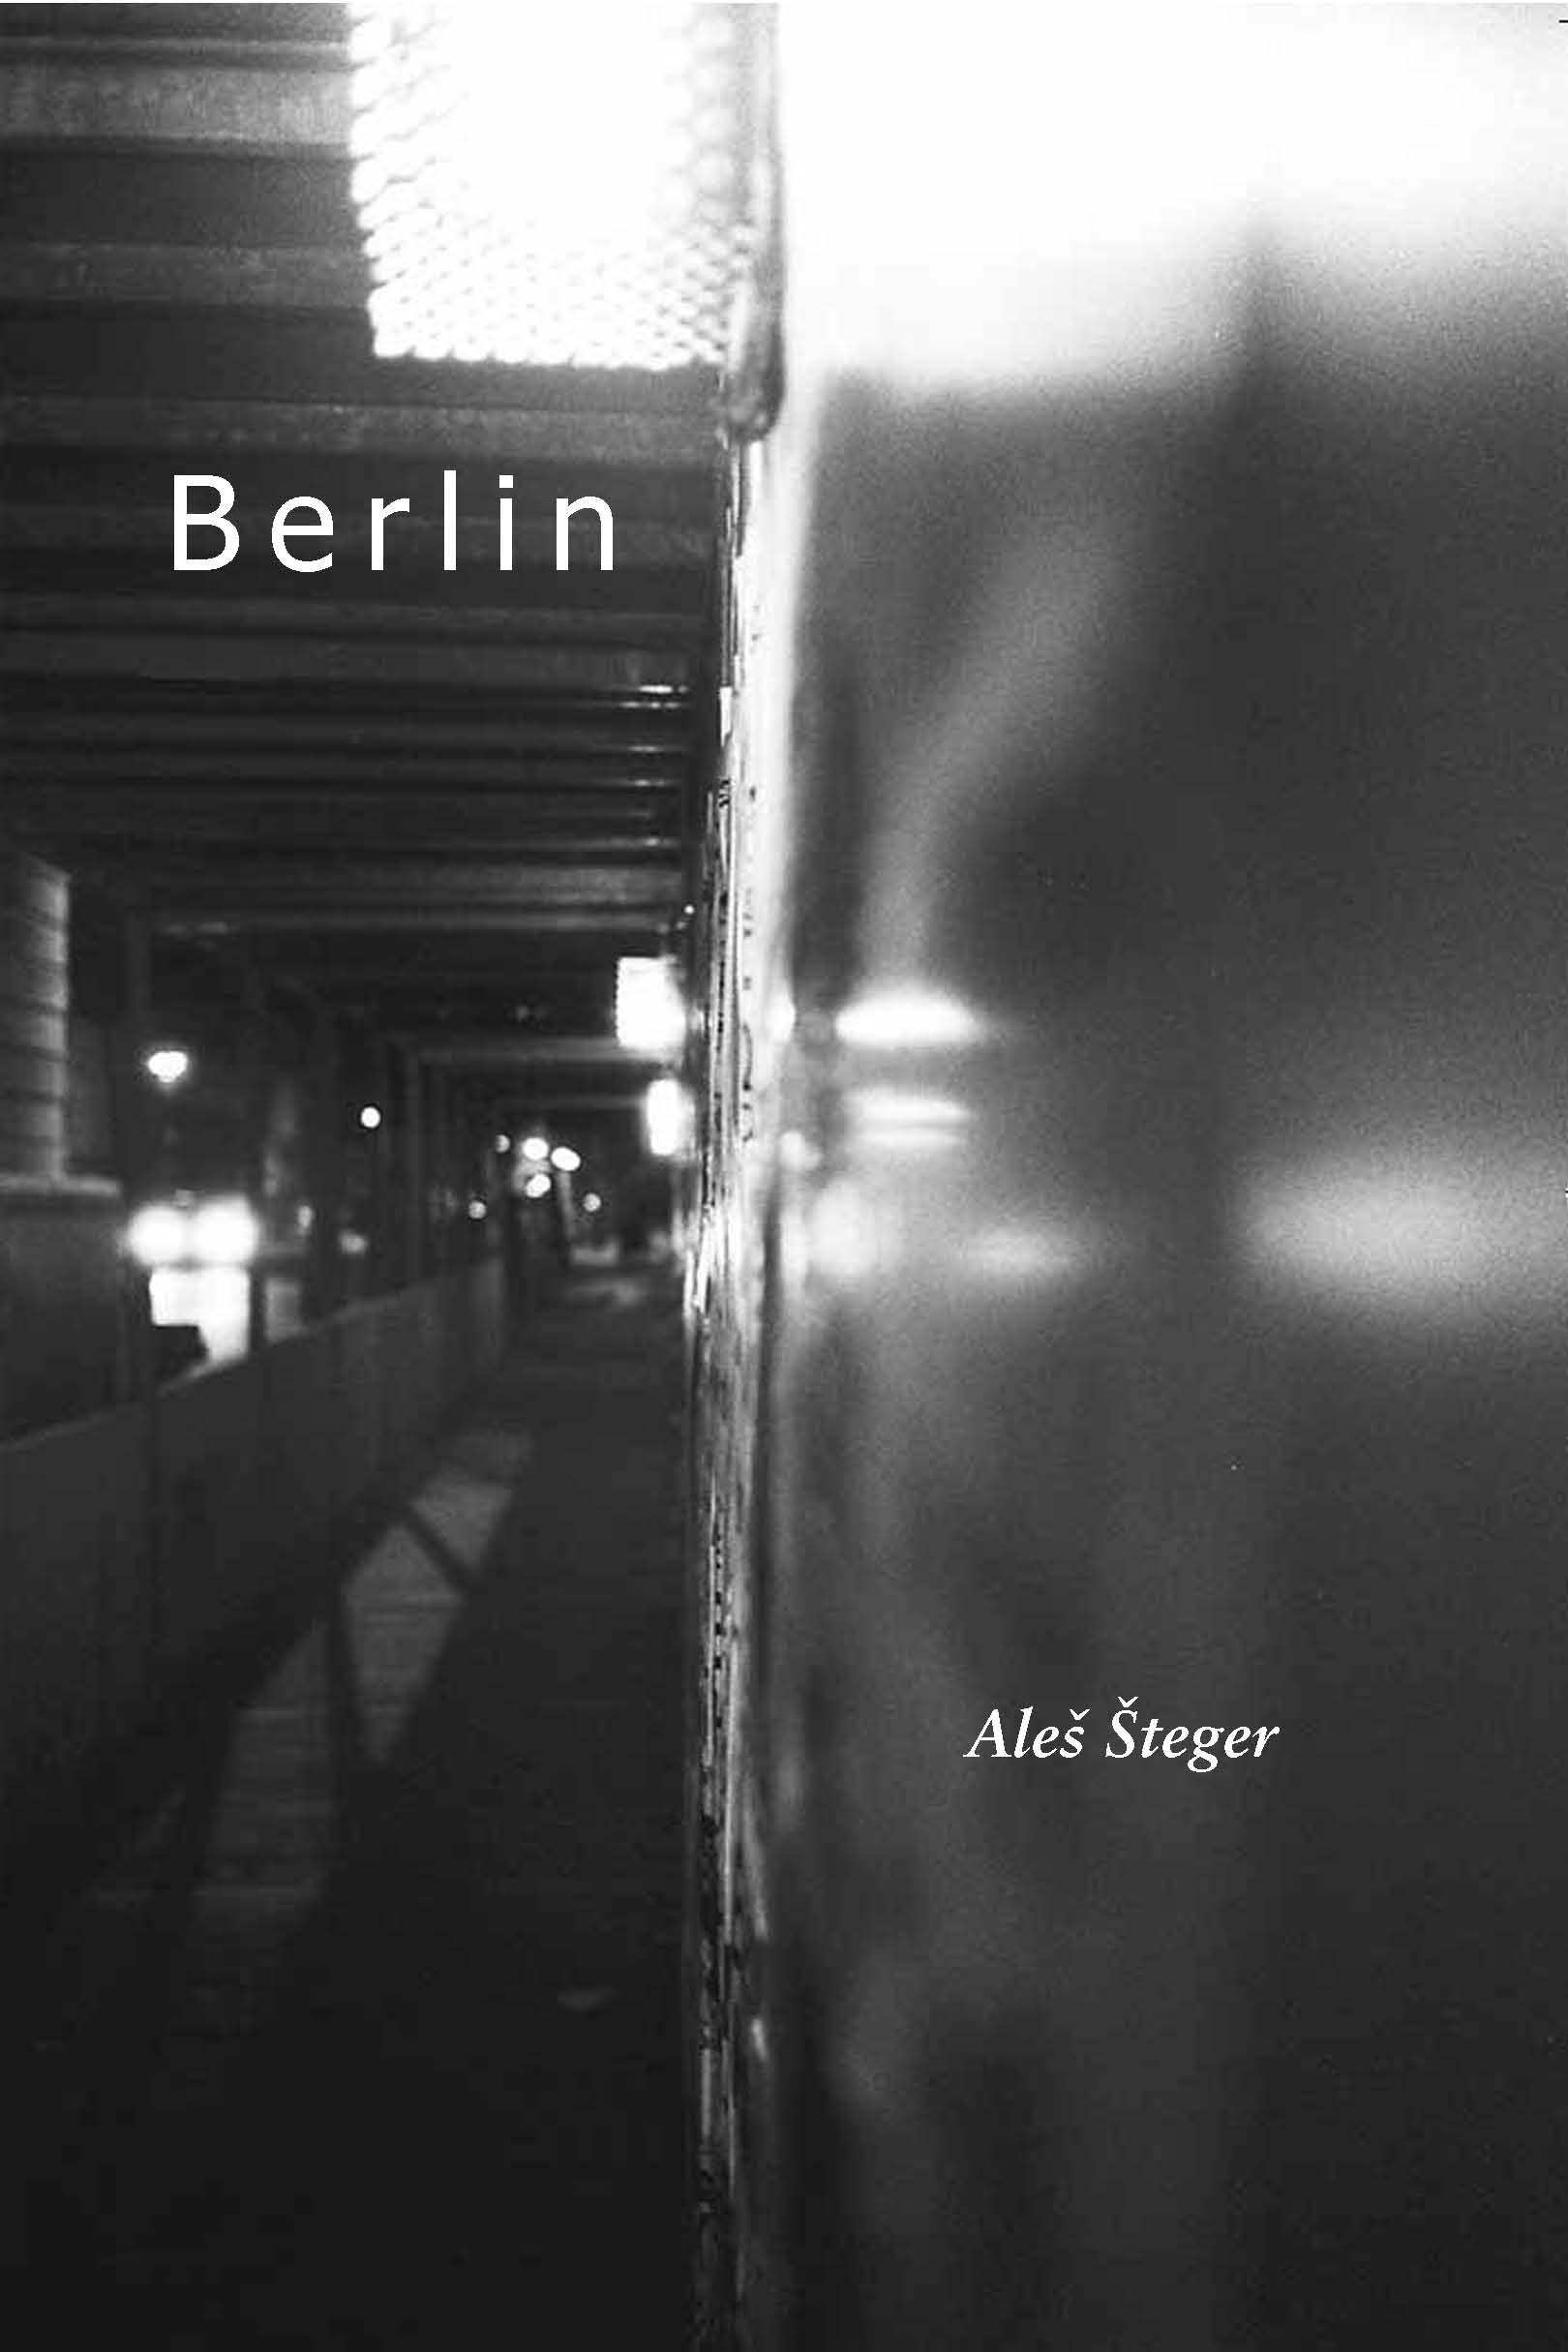 BerlinAleš Šteger